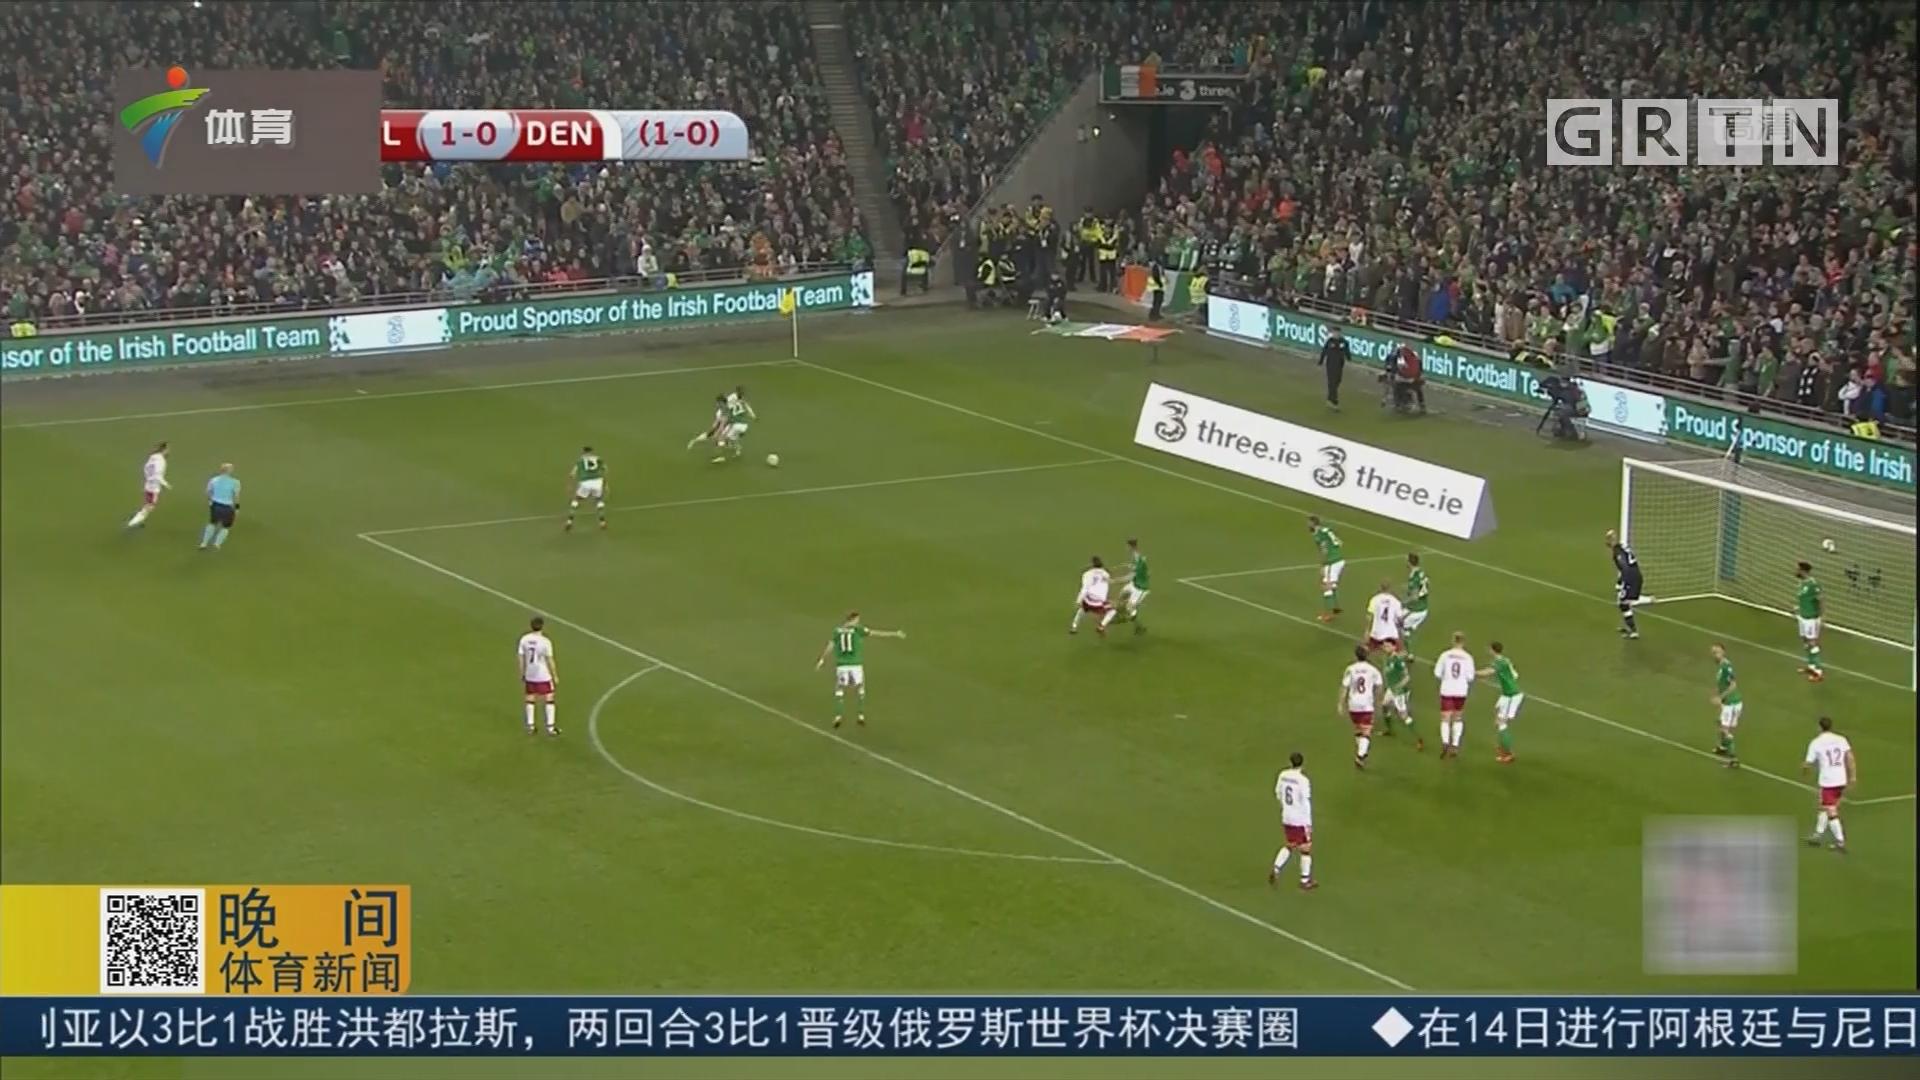 逆转获胜 丹麦晋级世界杯